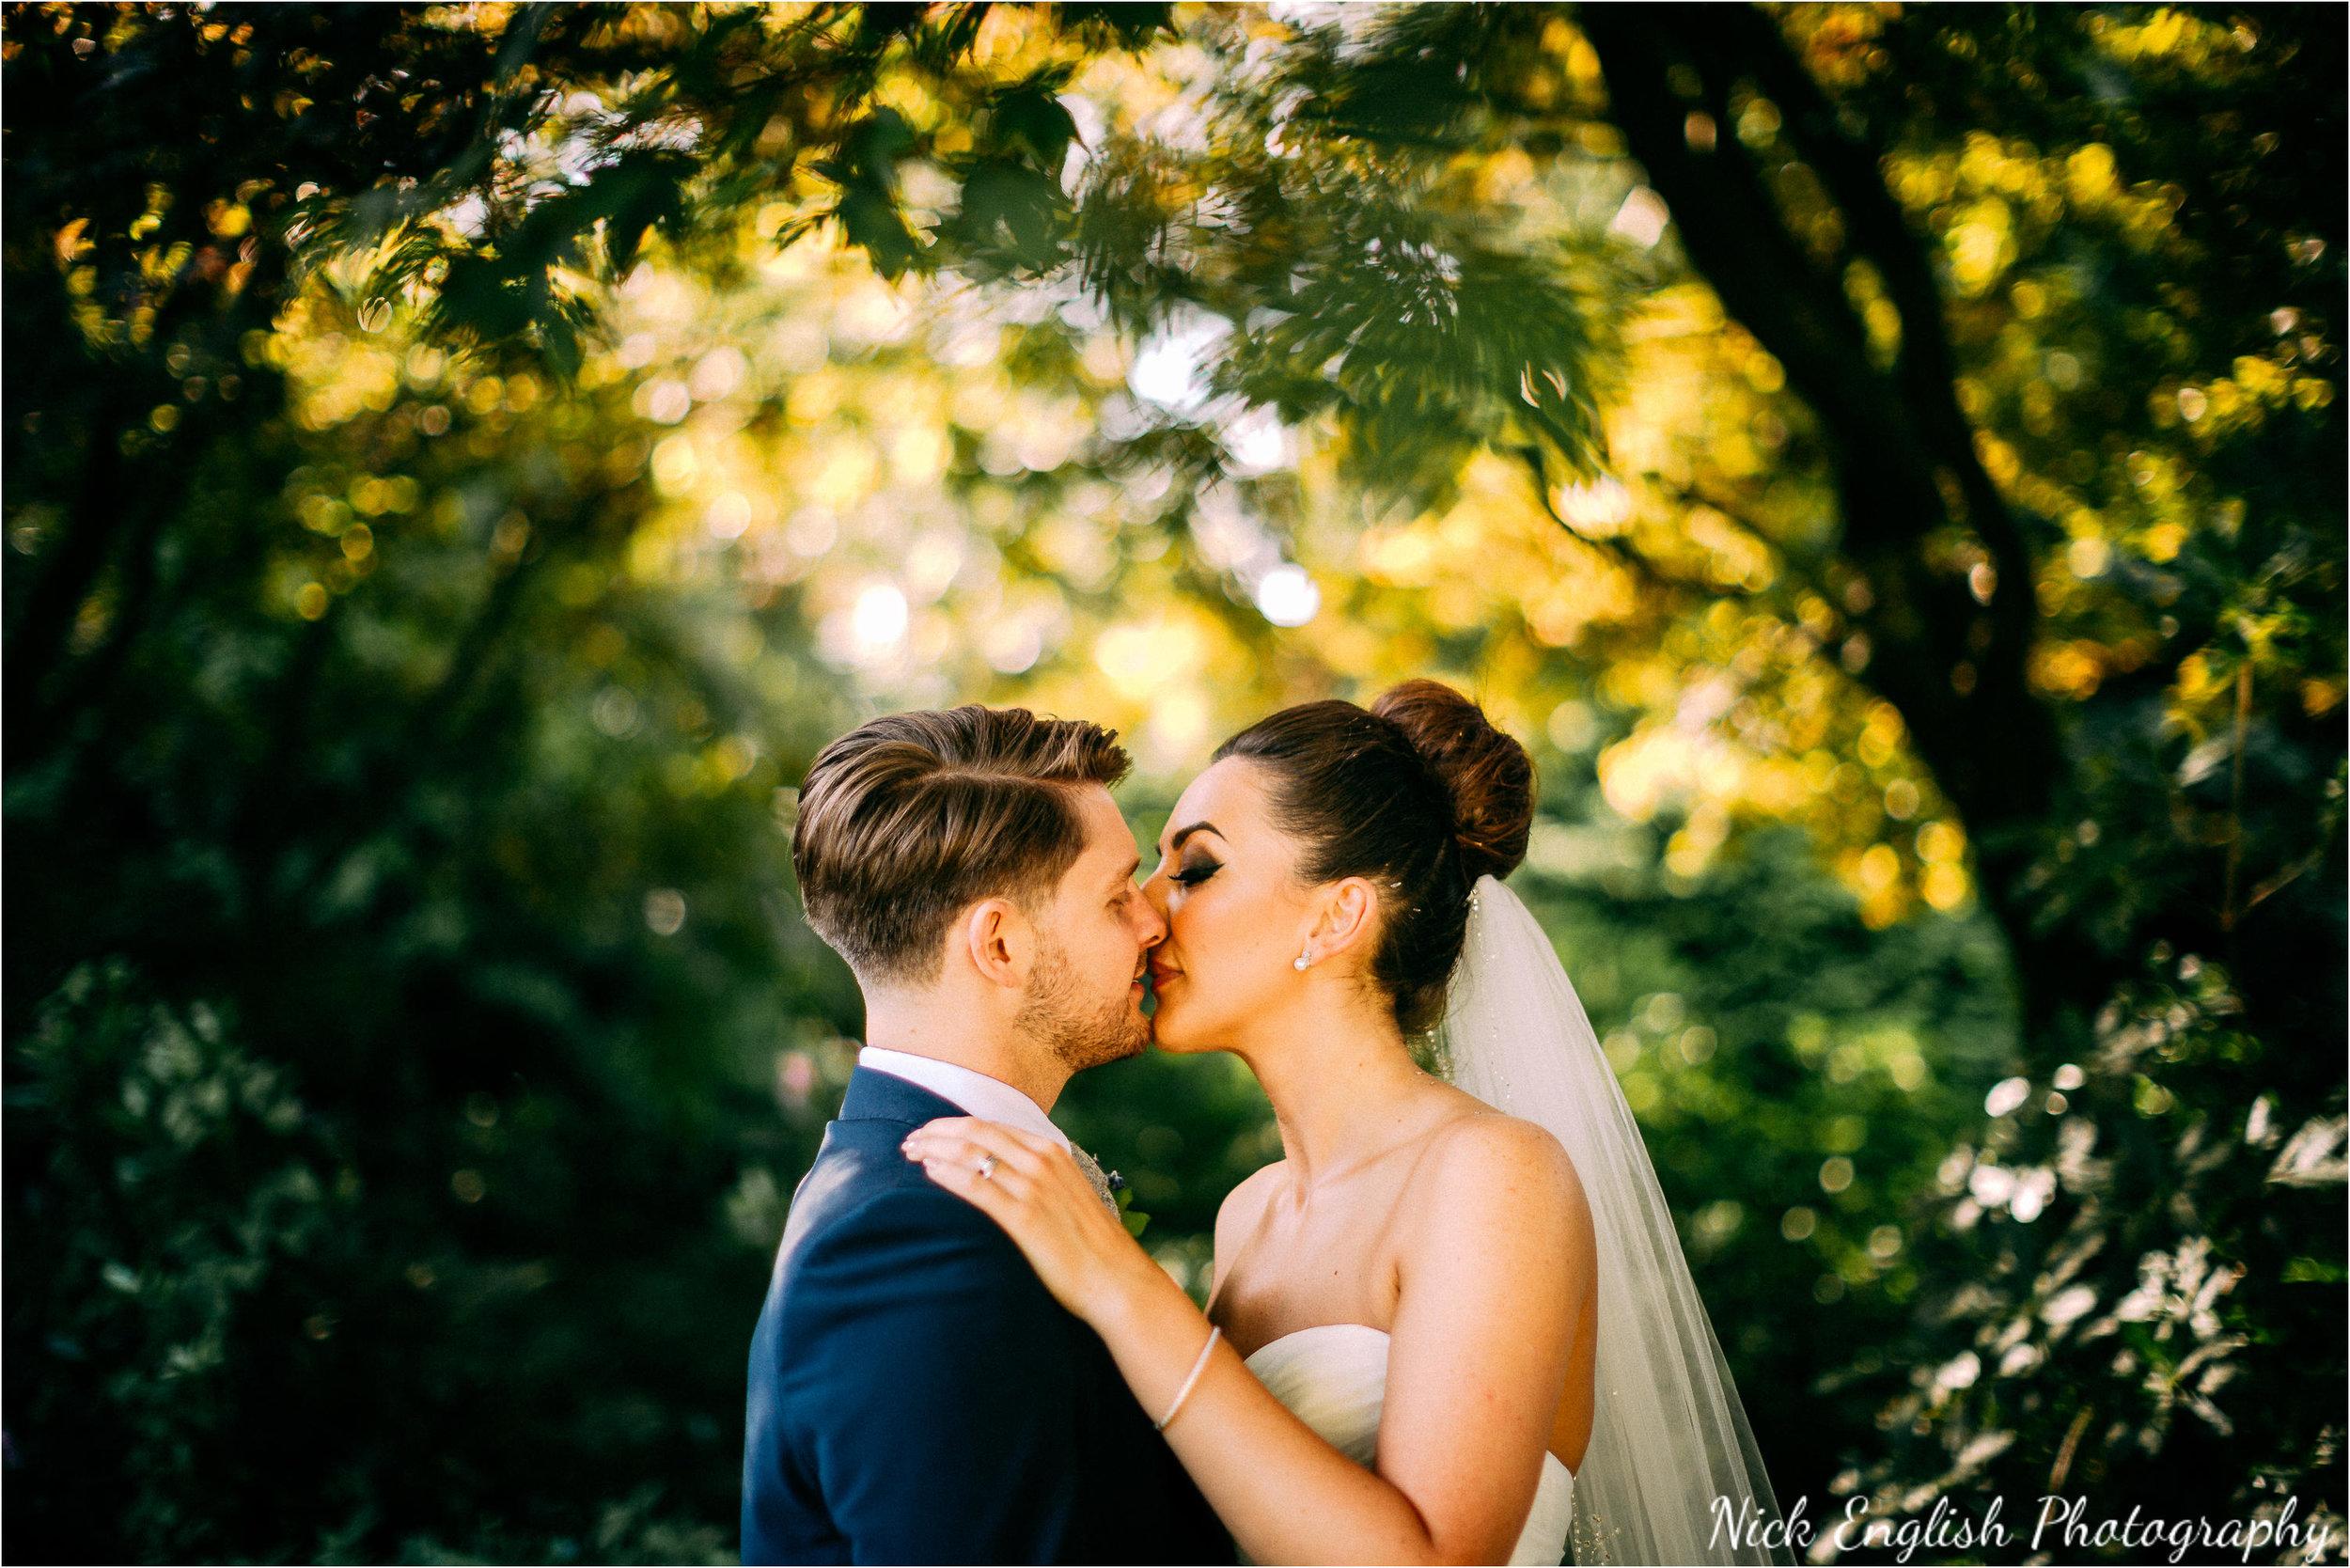 Eaves Hall Bride and Groom kiss wedding